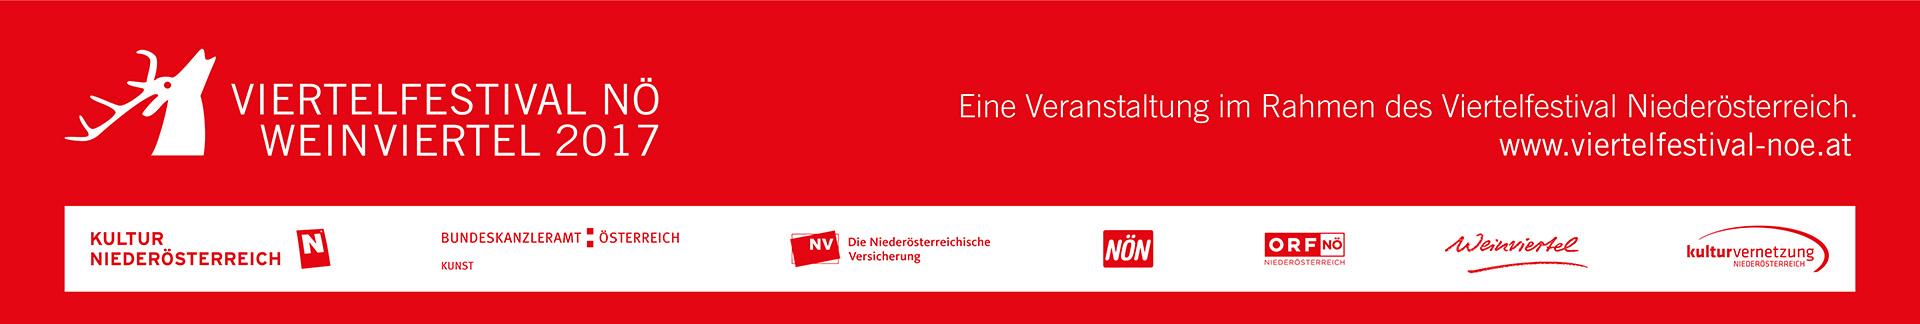 VNFOE_Logoleiste _web_1920